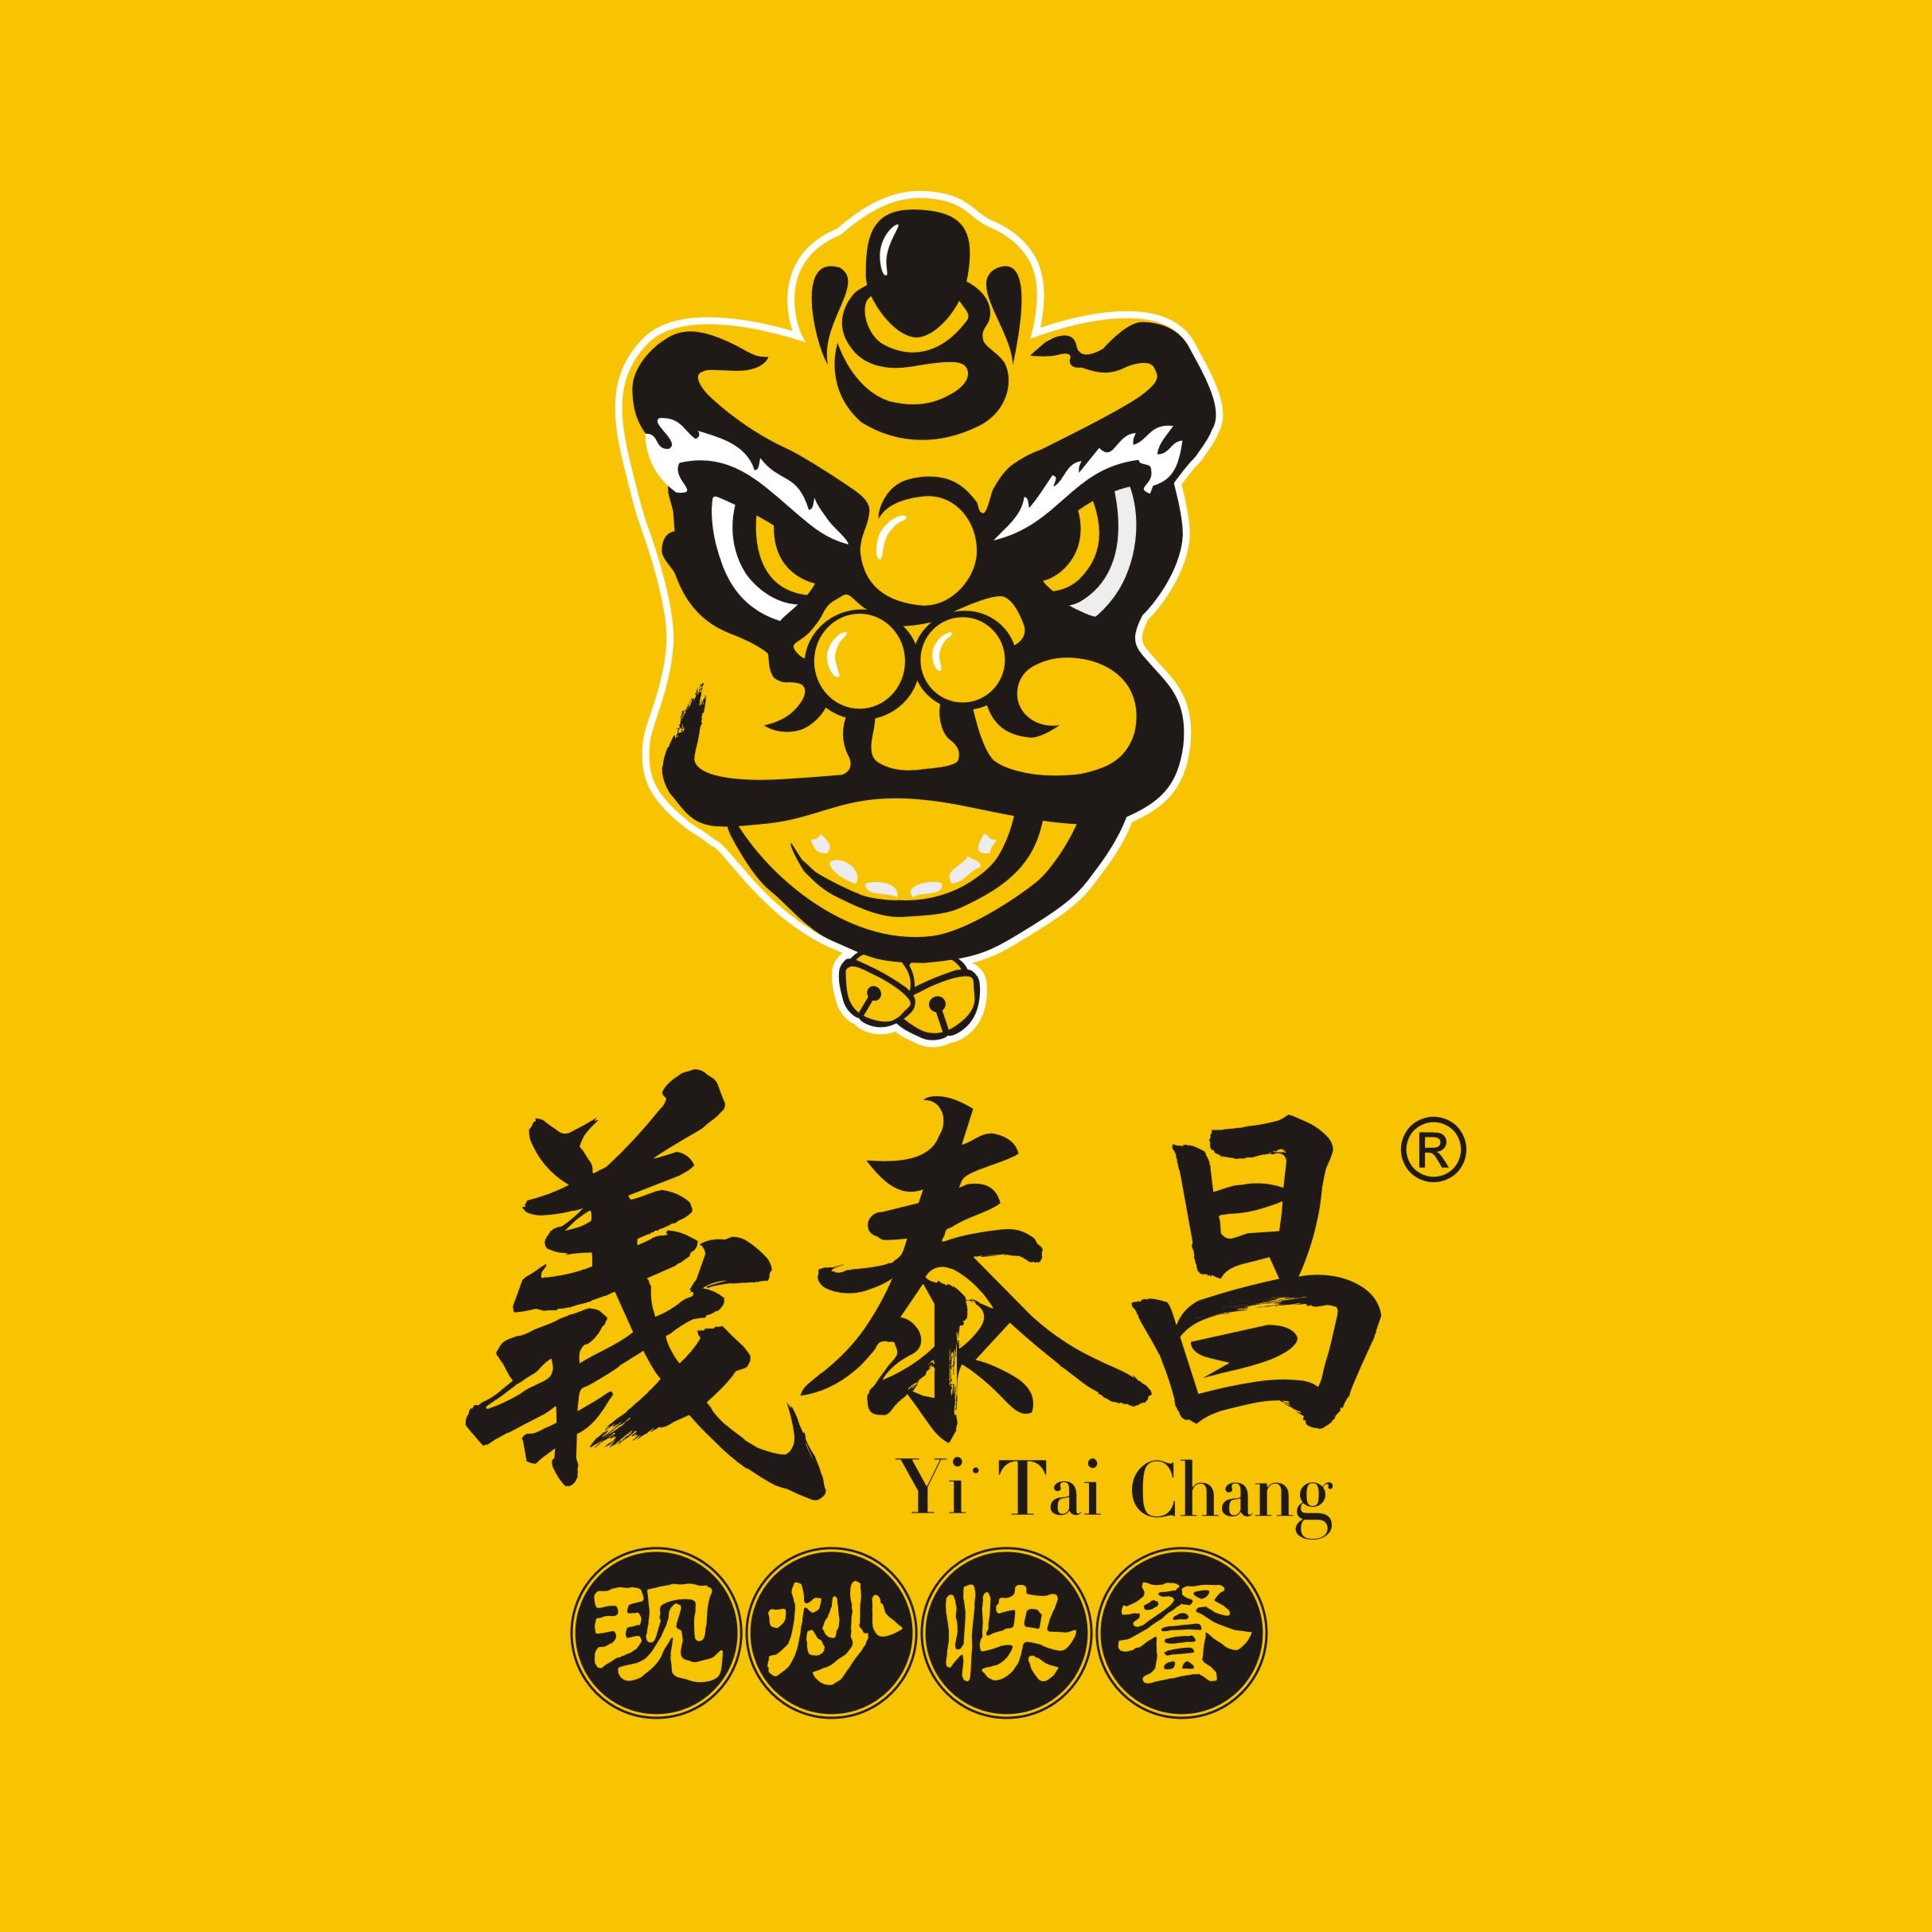 222855万元人民币 登记机关 深圳市市场监督管理局 企业地址 深圳市